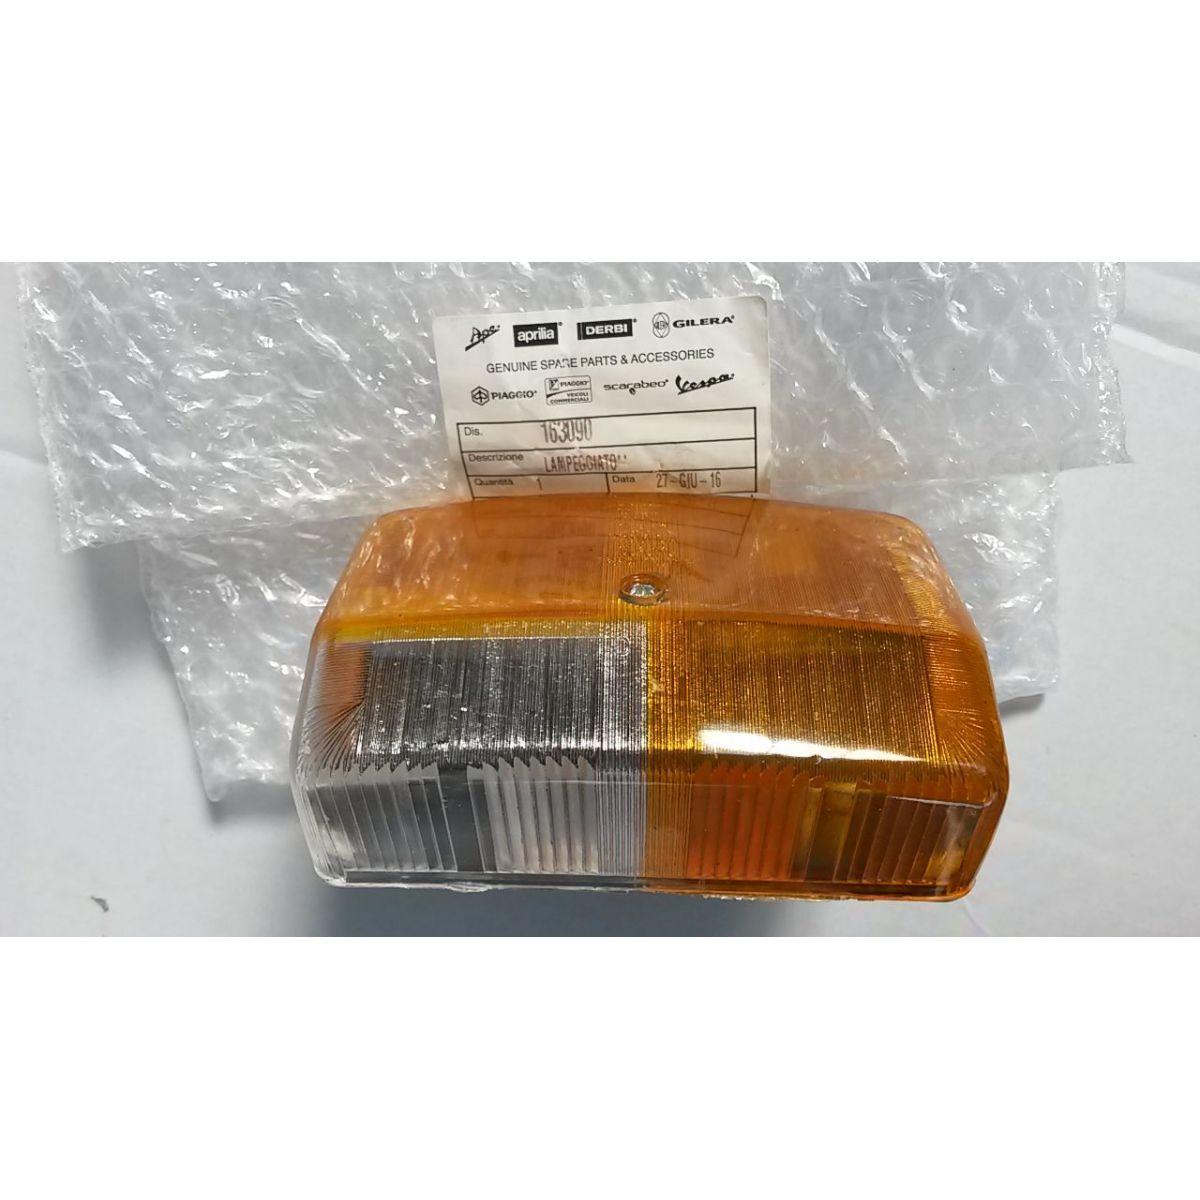 Fanalino 501 Ape Piaggio anteriore destro 163090